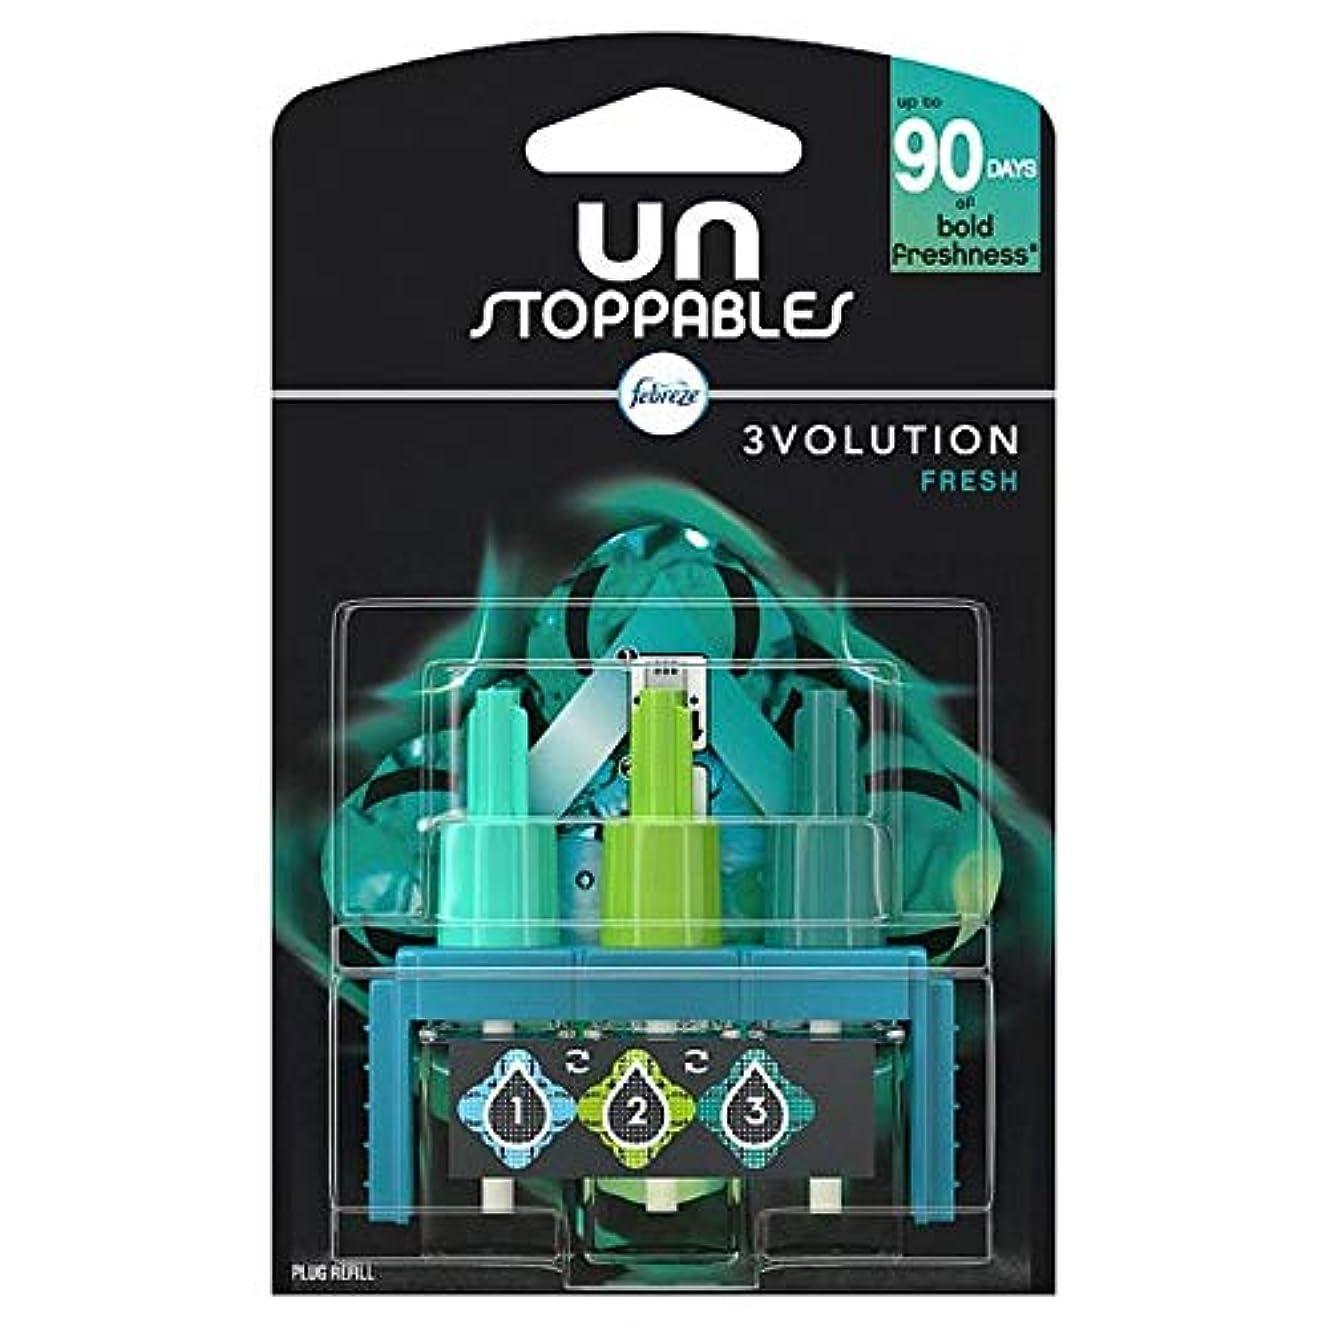 悔い改め持つパテ[Febreze] リフィル20ミリリットルでUnstoppables 3Volution新鮮なプラグイン - Unstoppables 3Volution Fresh Plug In Refill 20Ml [並行輸入品]